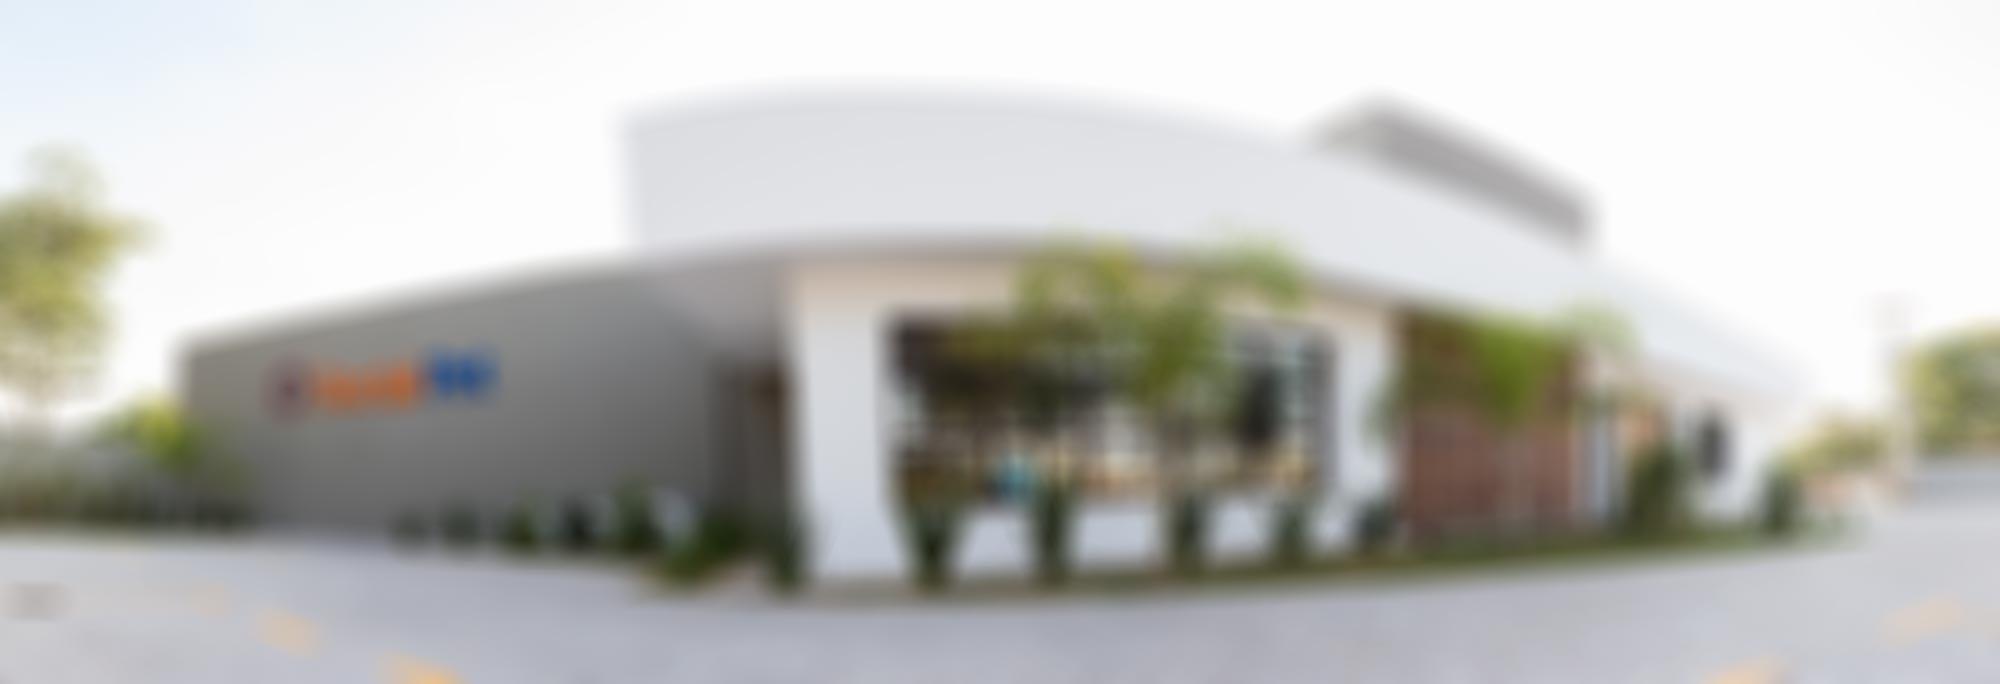 sp-fachada-blur